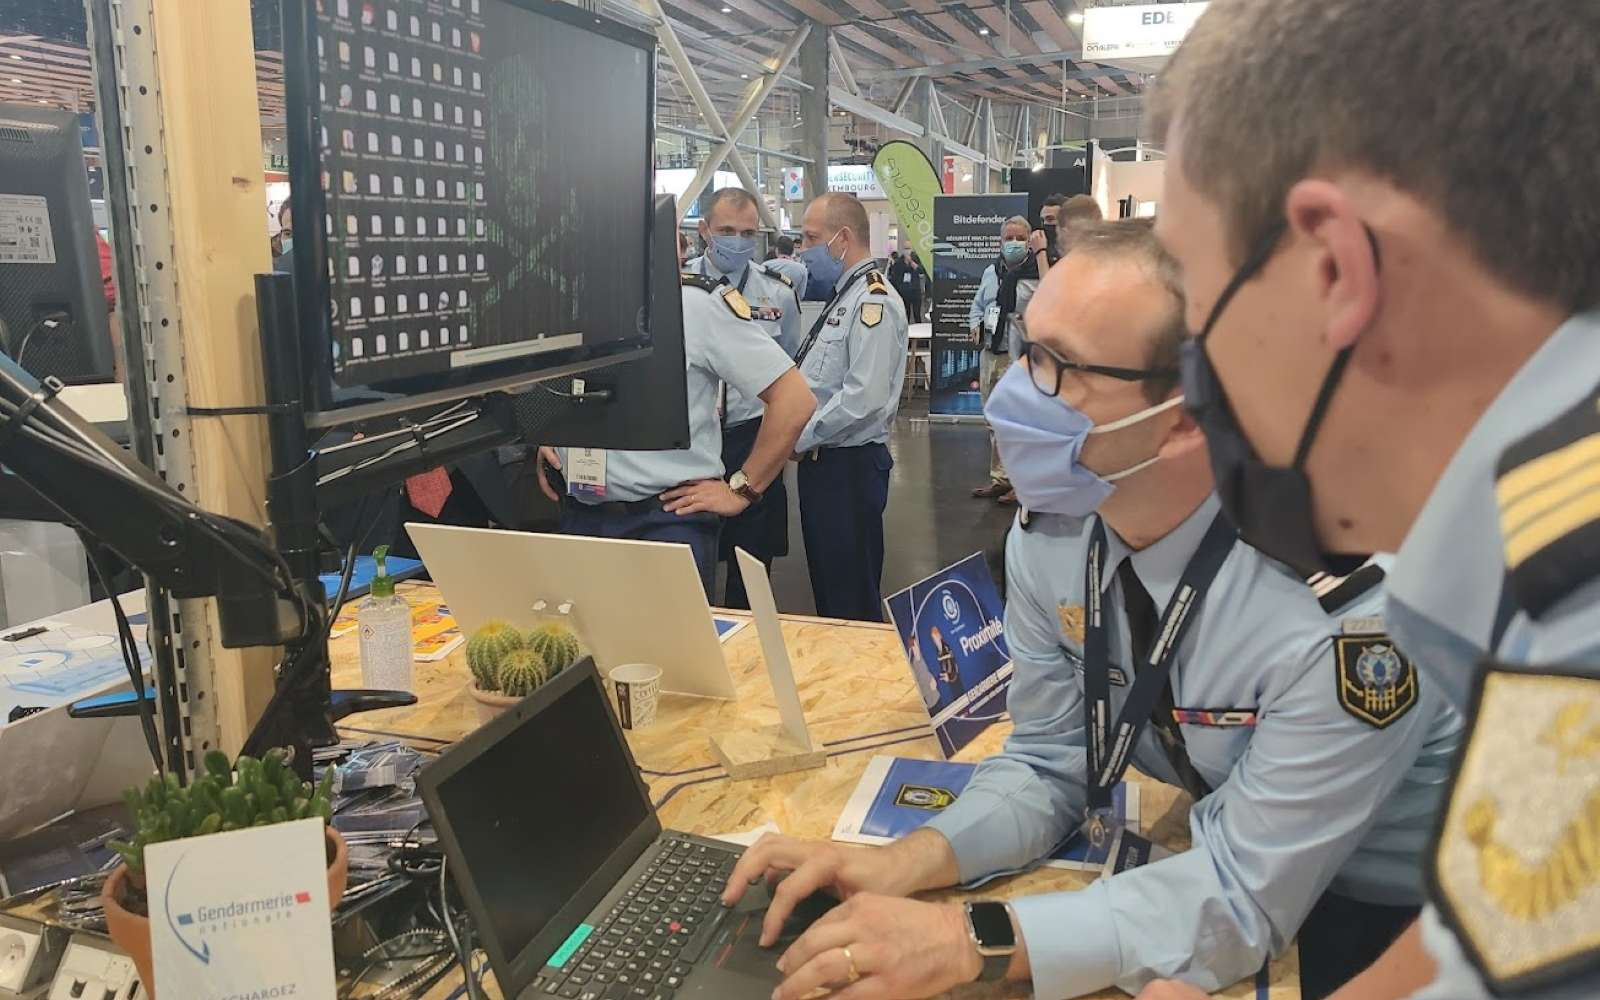 Sur le stand des gendarmes sur le FIC, deux militaires simulent une attaque par ransomware. © Futura